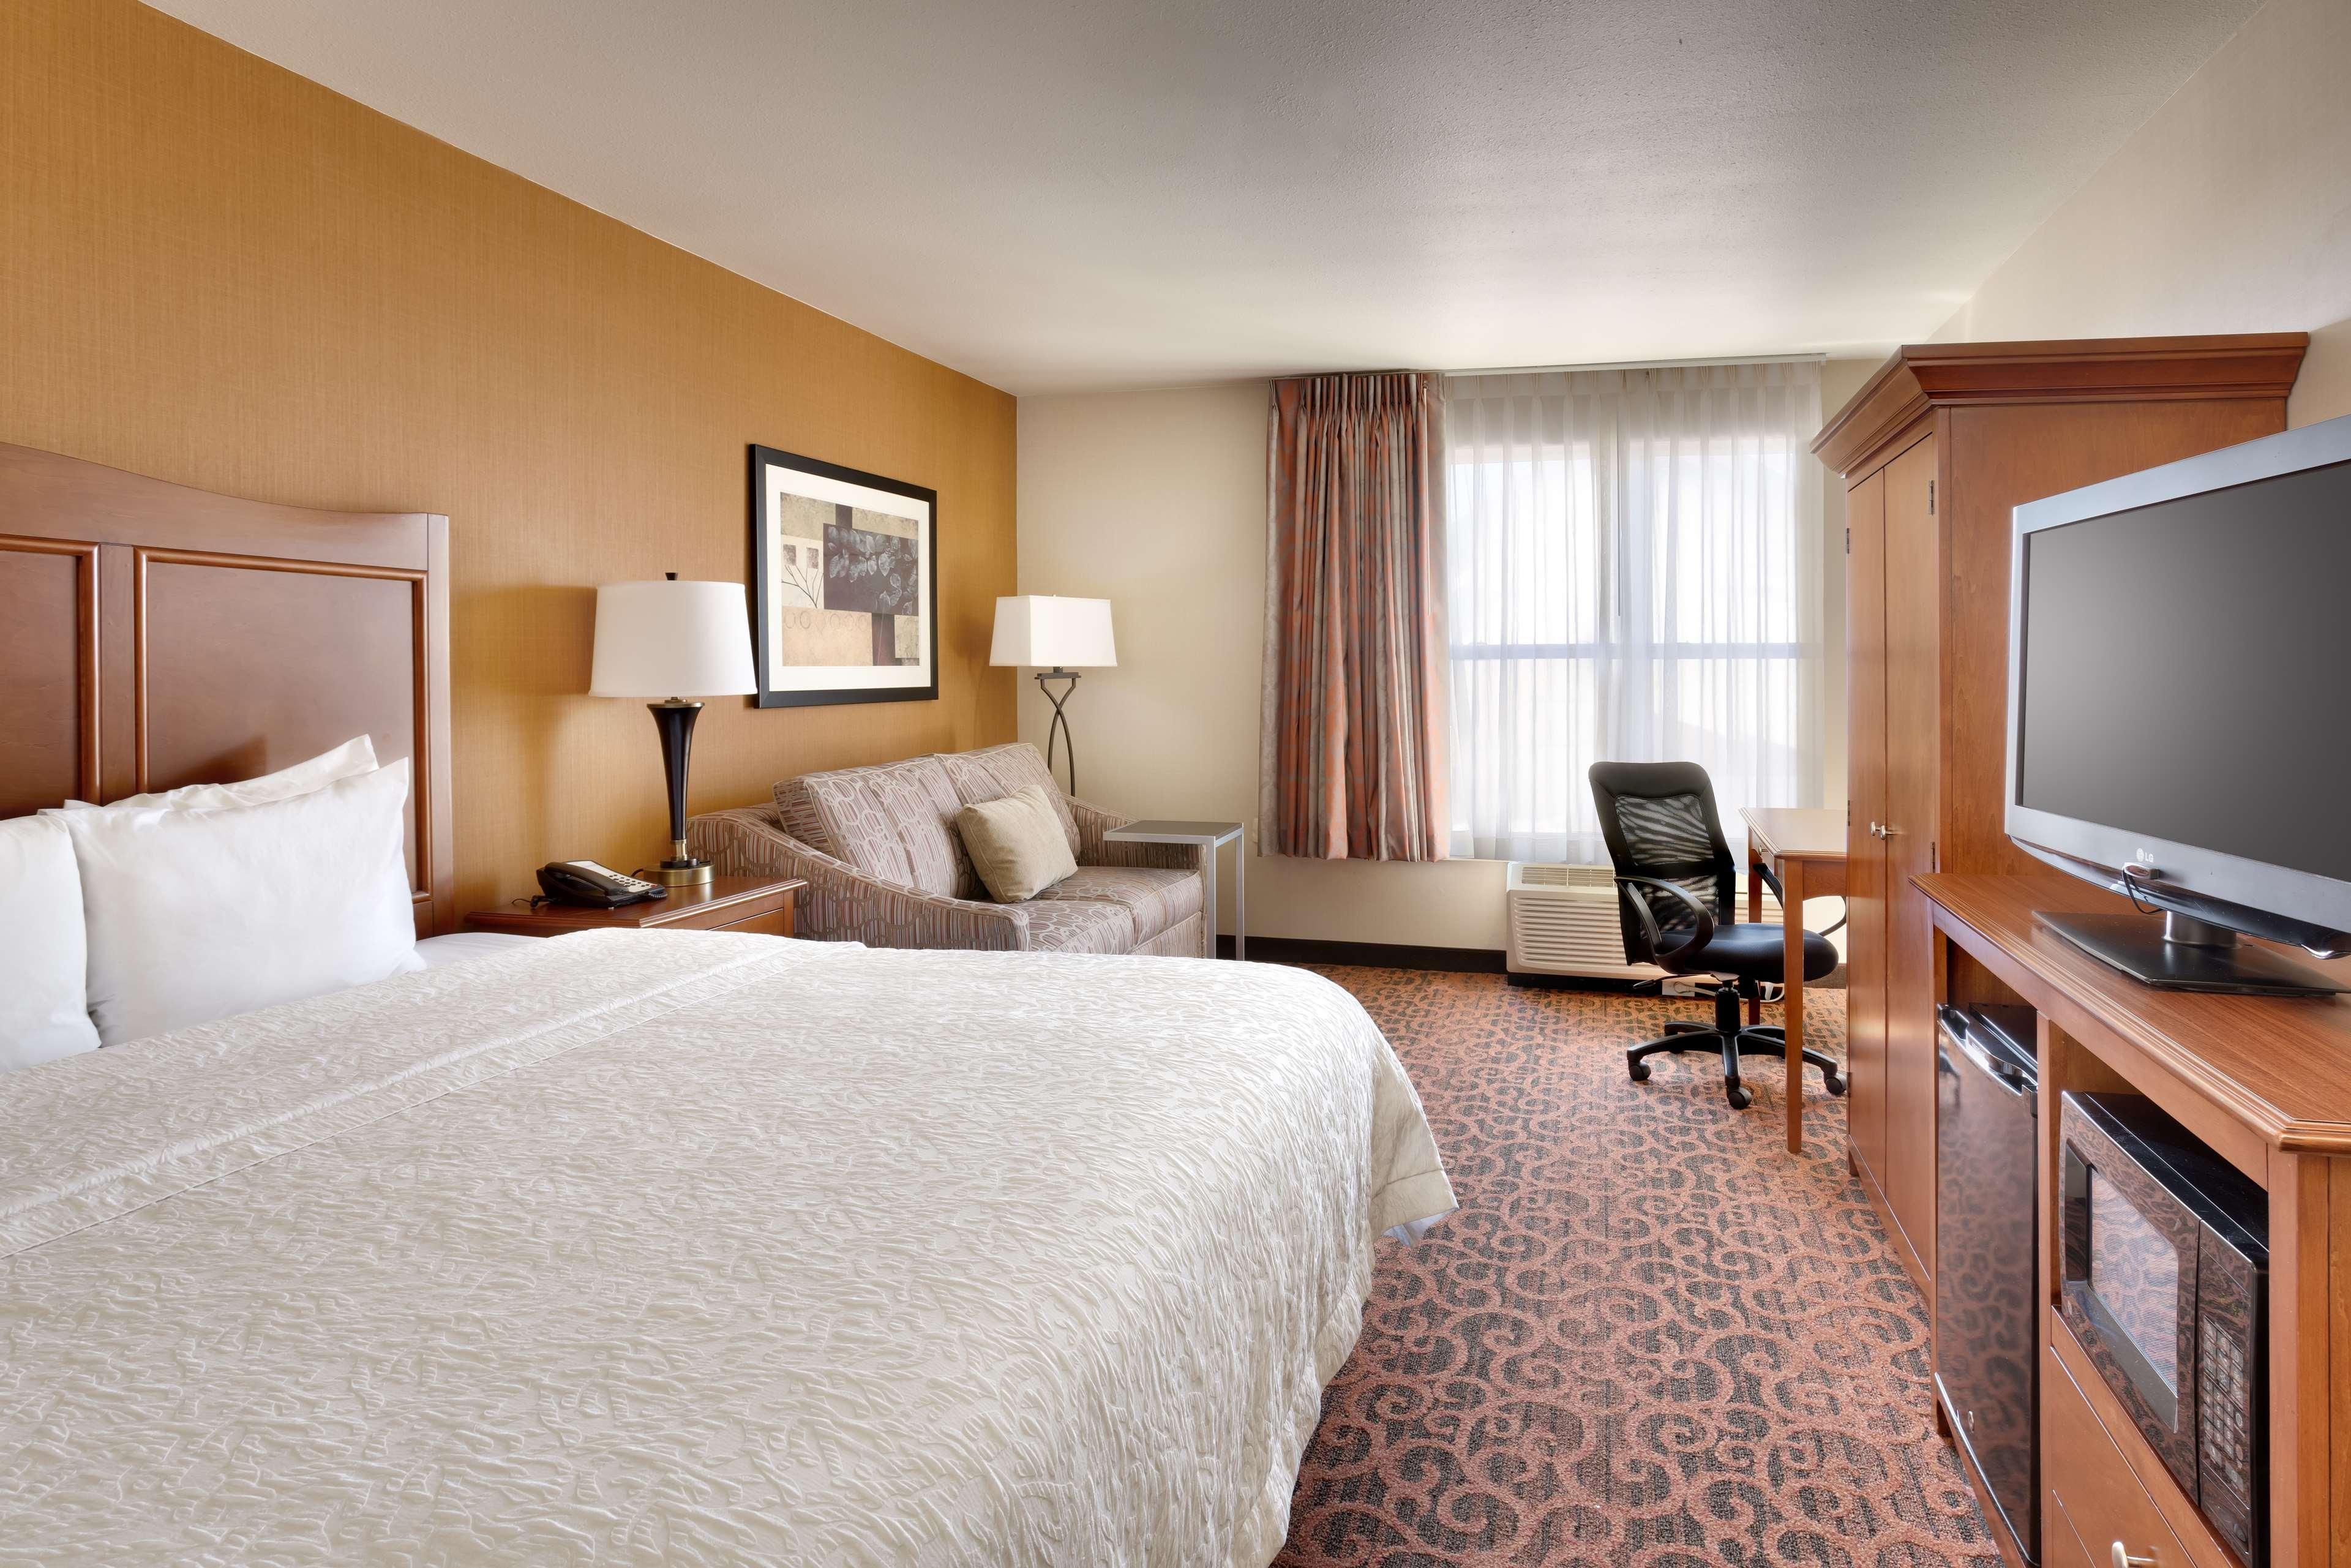 Hampton Inn & Suites Orem image 18